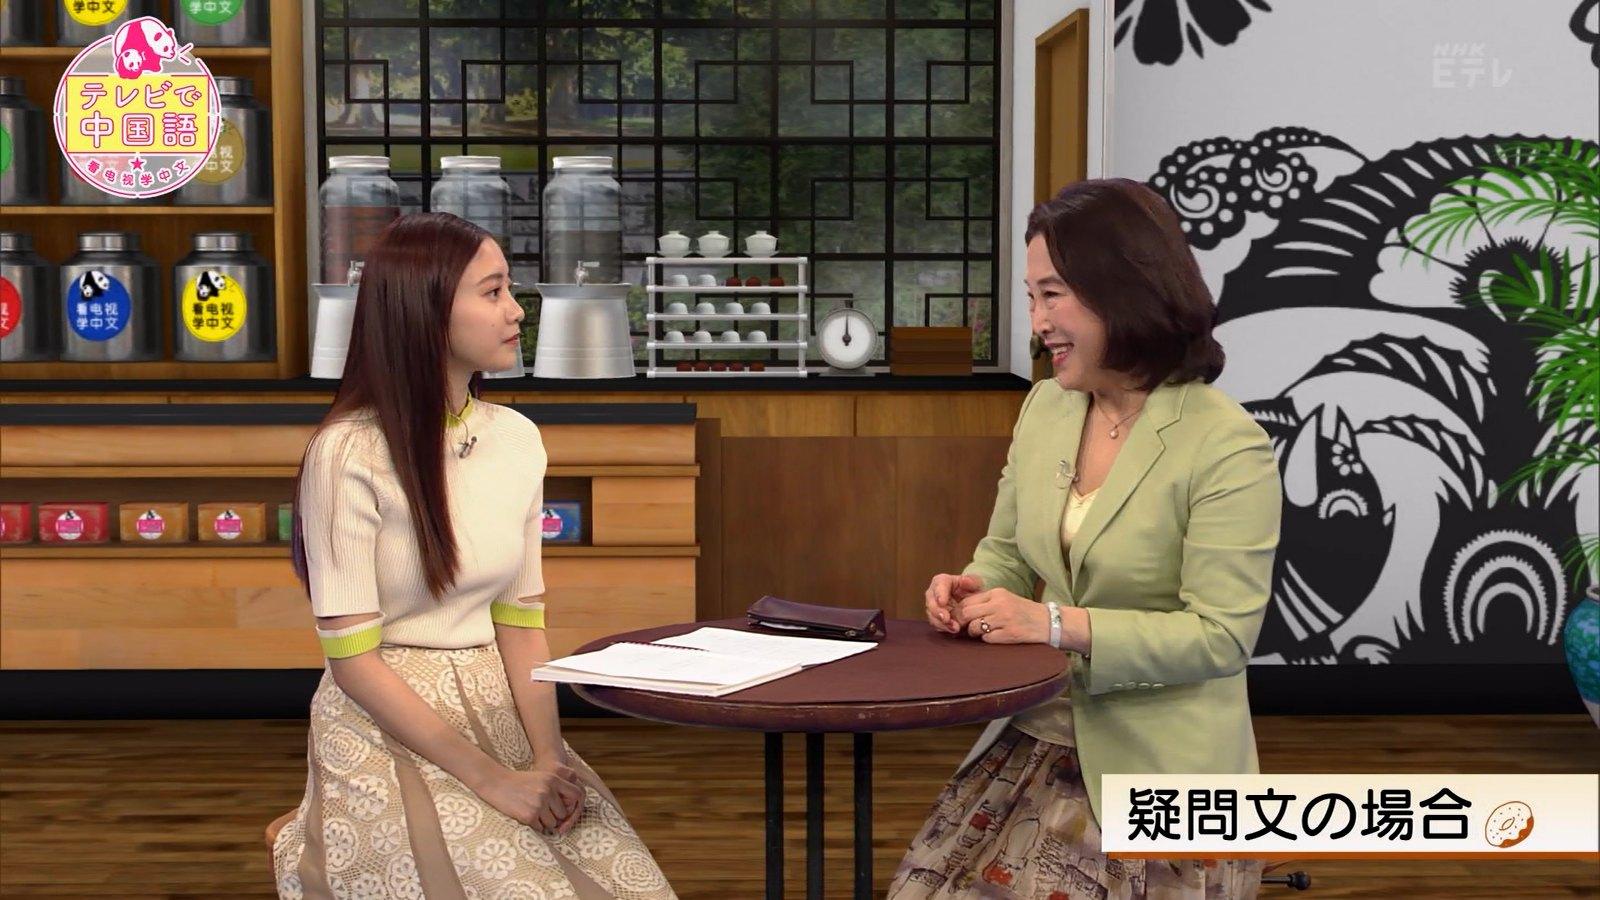 佐野ひなこ_ニット_おっぱい_テレビで中国語_05